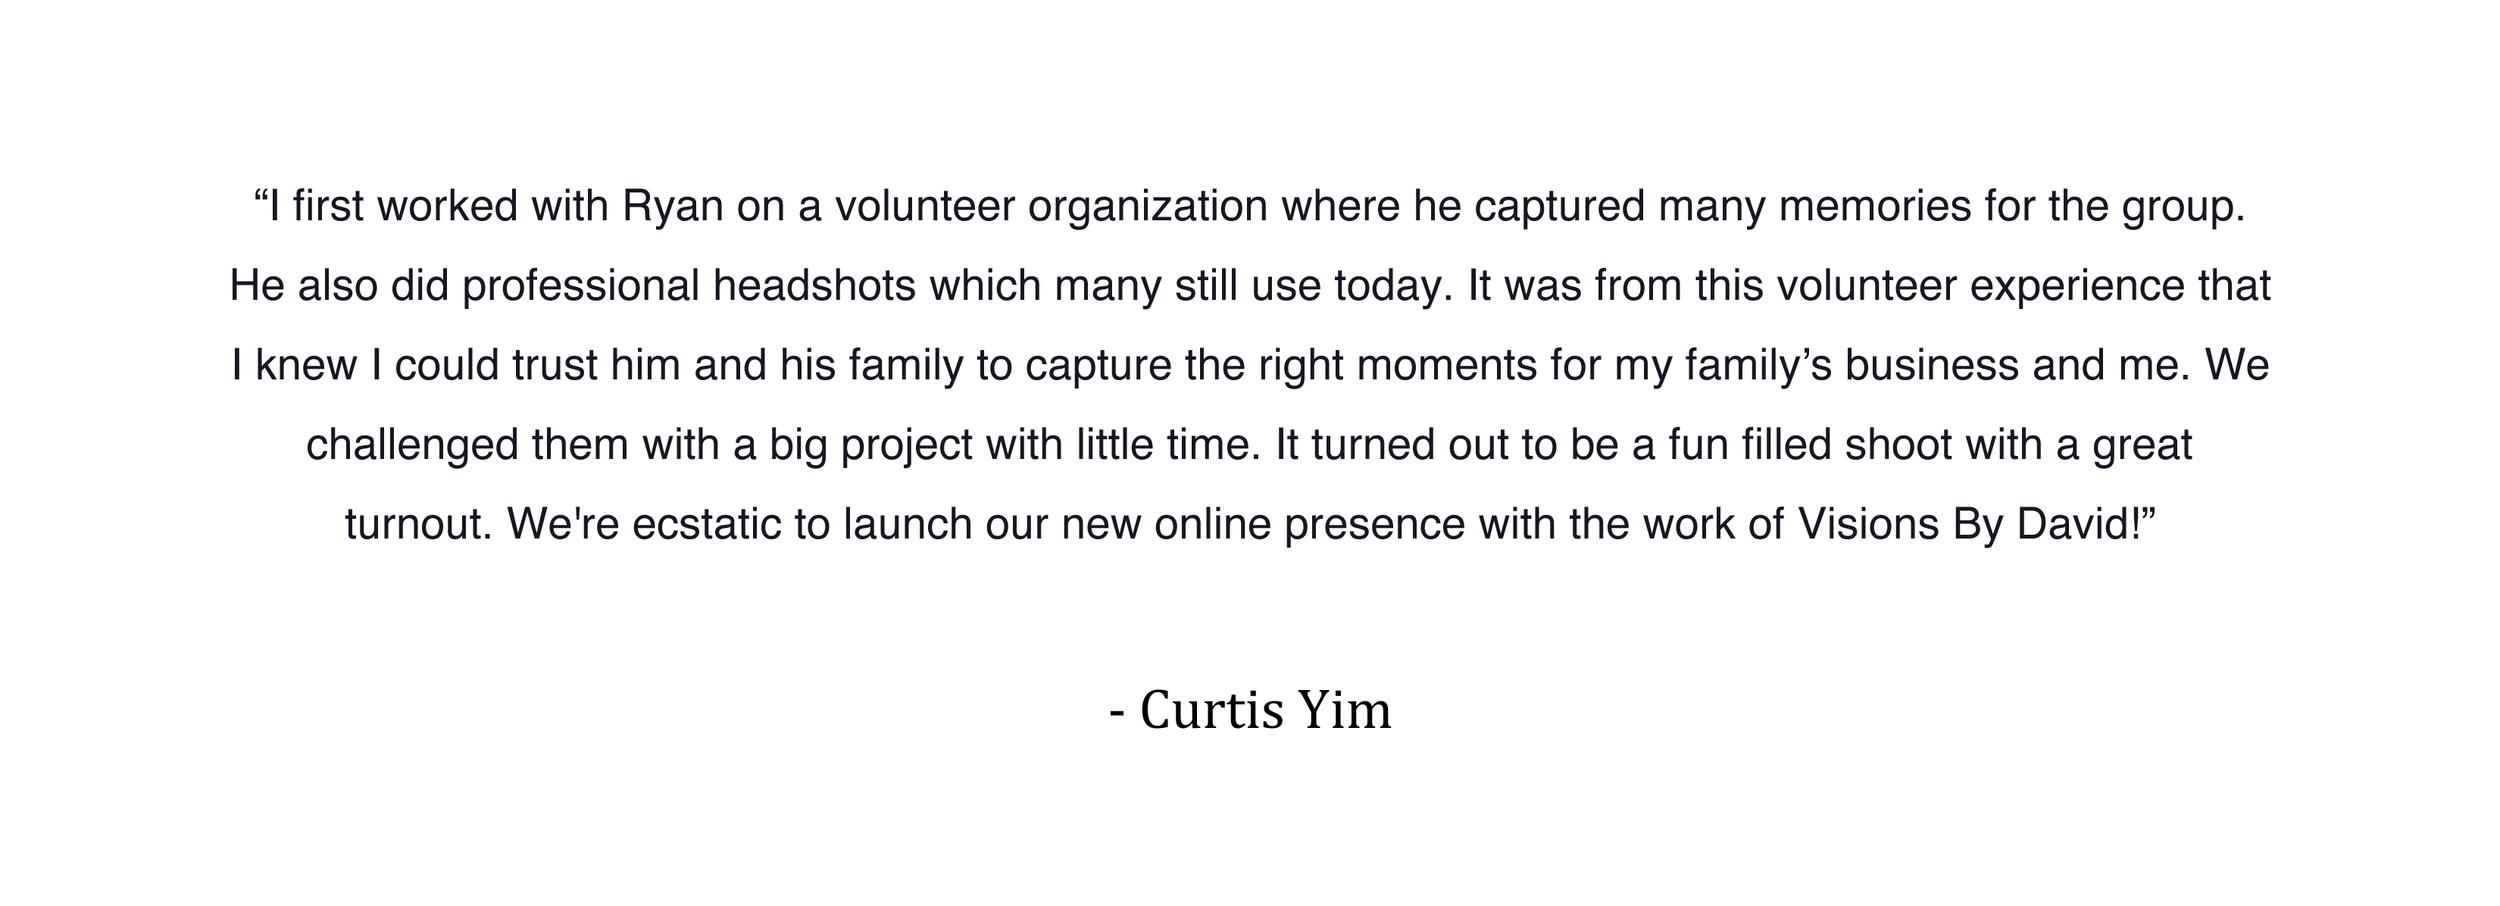 Curtis Yim.jpg